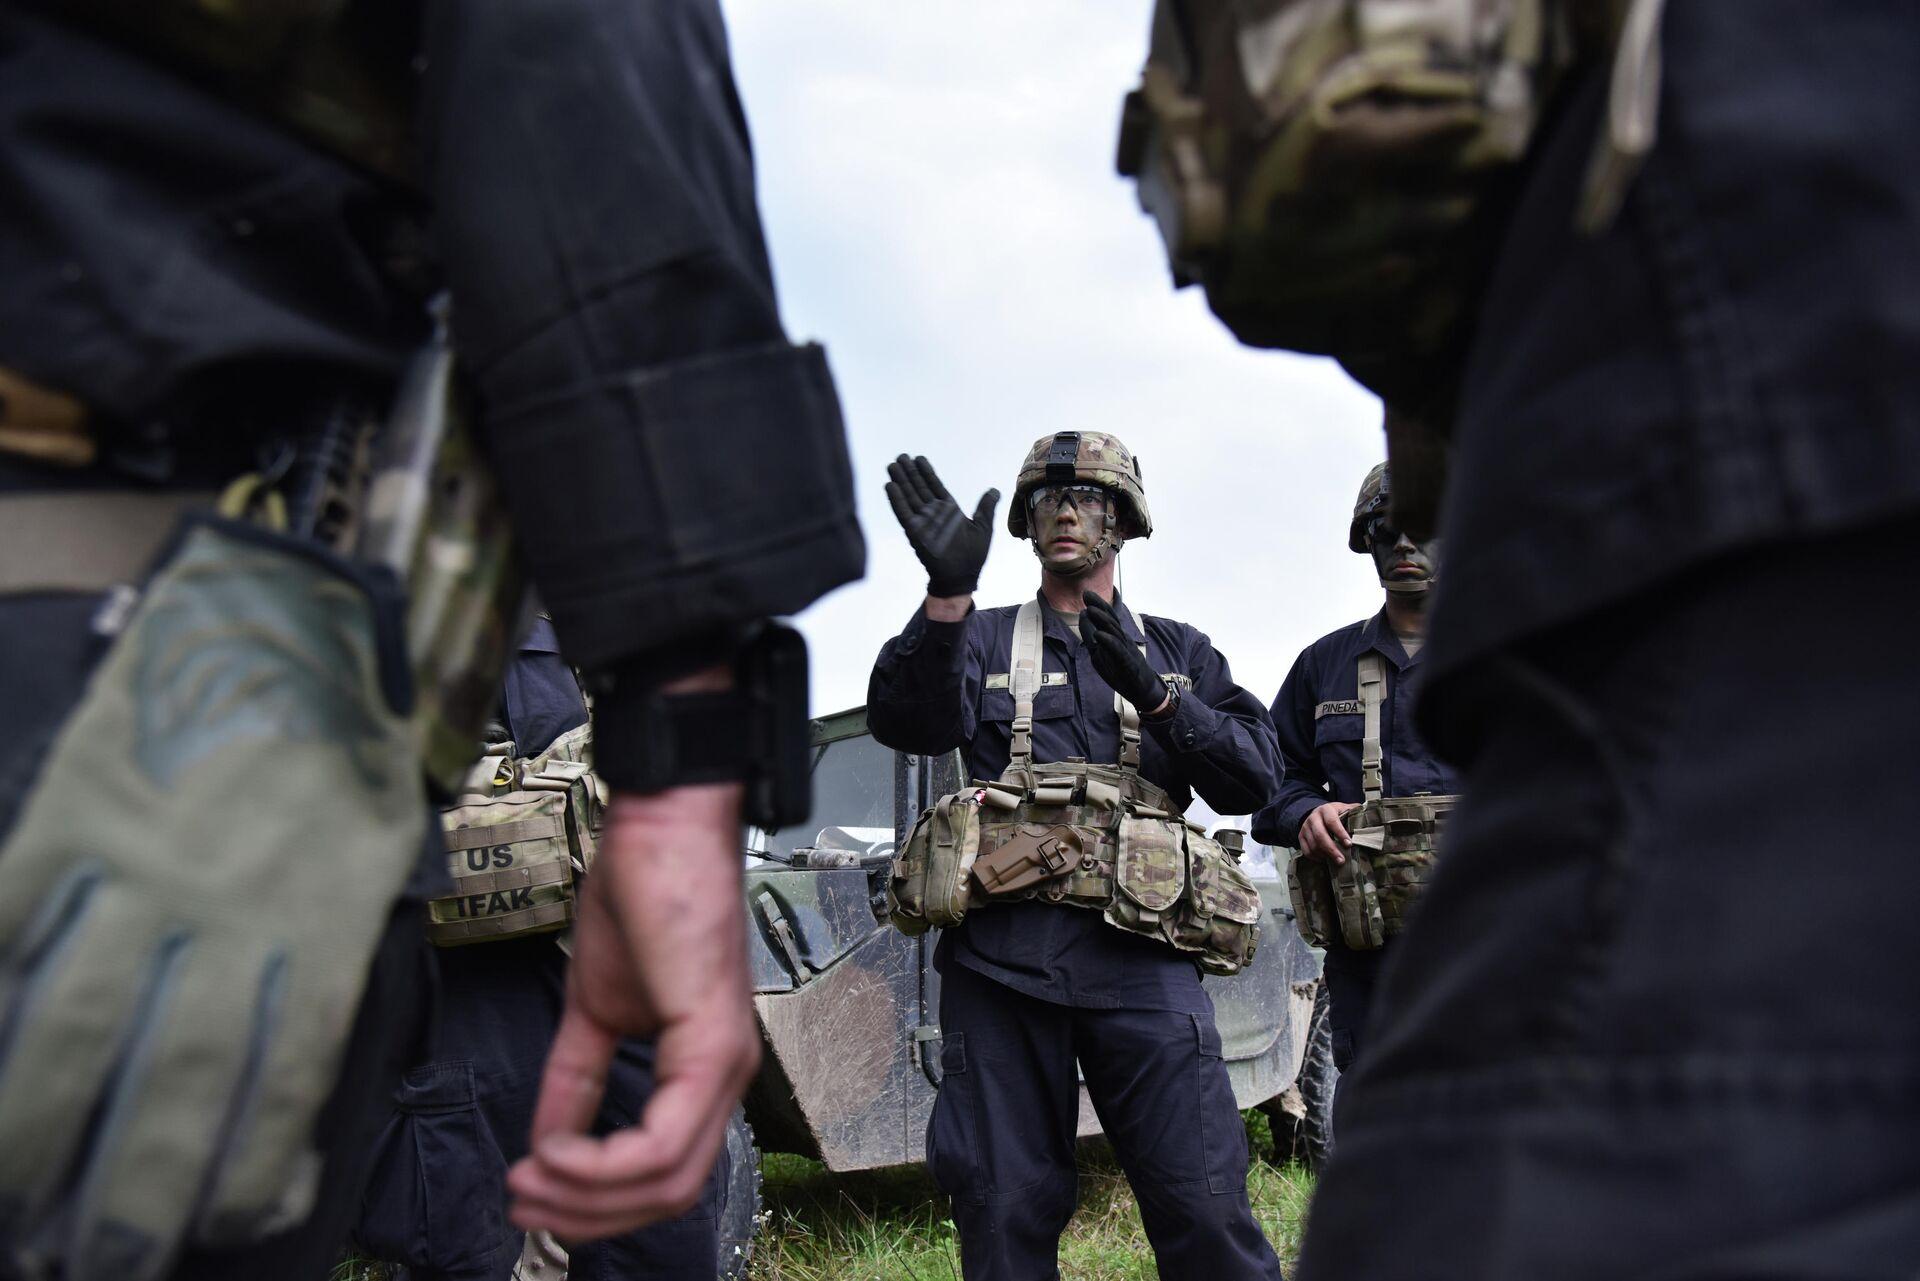 Американские военные во время учений на Яворивском полигоне во Львовской области - РИА Новости, 1920, 07.04.2021